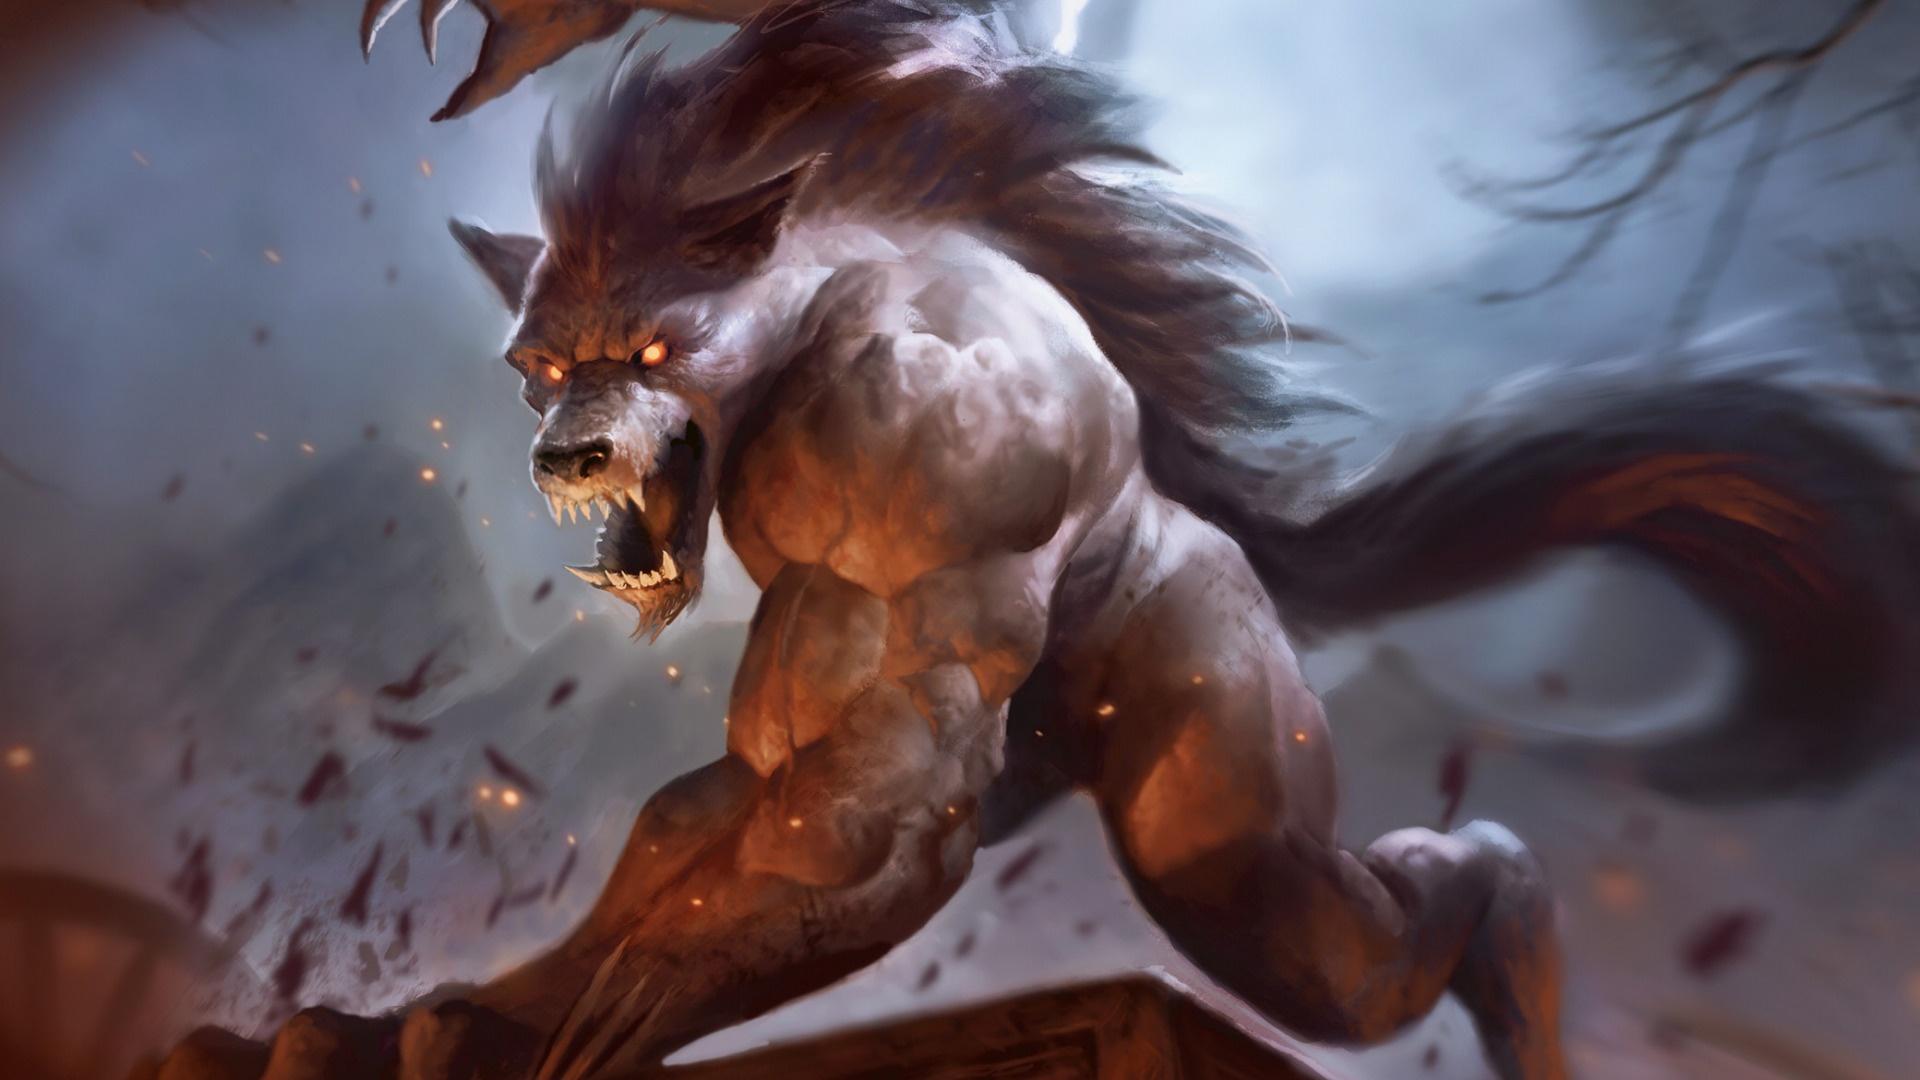 Werewolf free photo